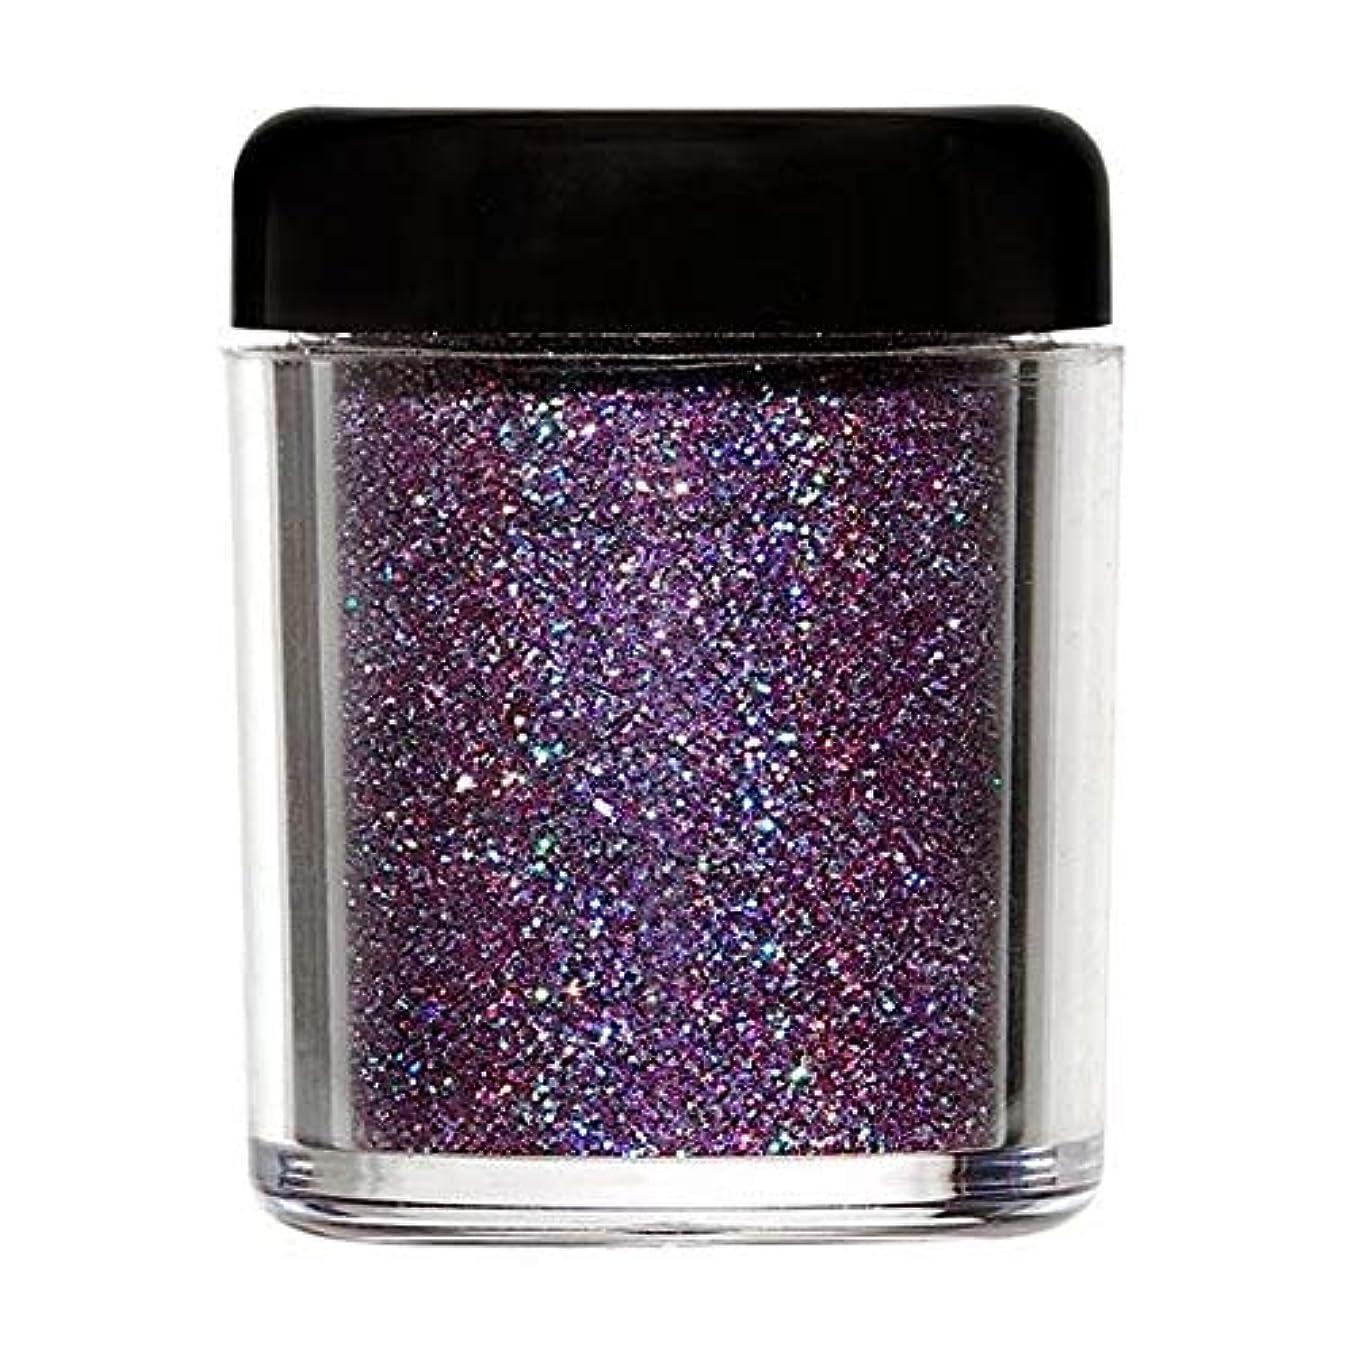 火山のトランスミッション独特の[Barry M ] バリーメートルのグリッターラッシュボディの輝き - 紫外線 - Barry M Glitter Rush Body Glitter - Ultraviolet [並行輸入品]